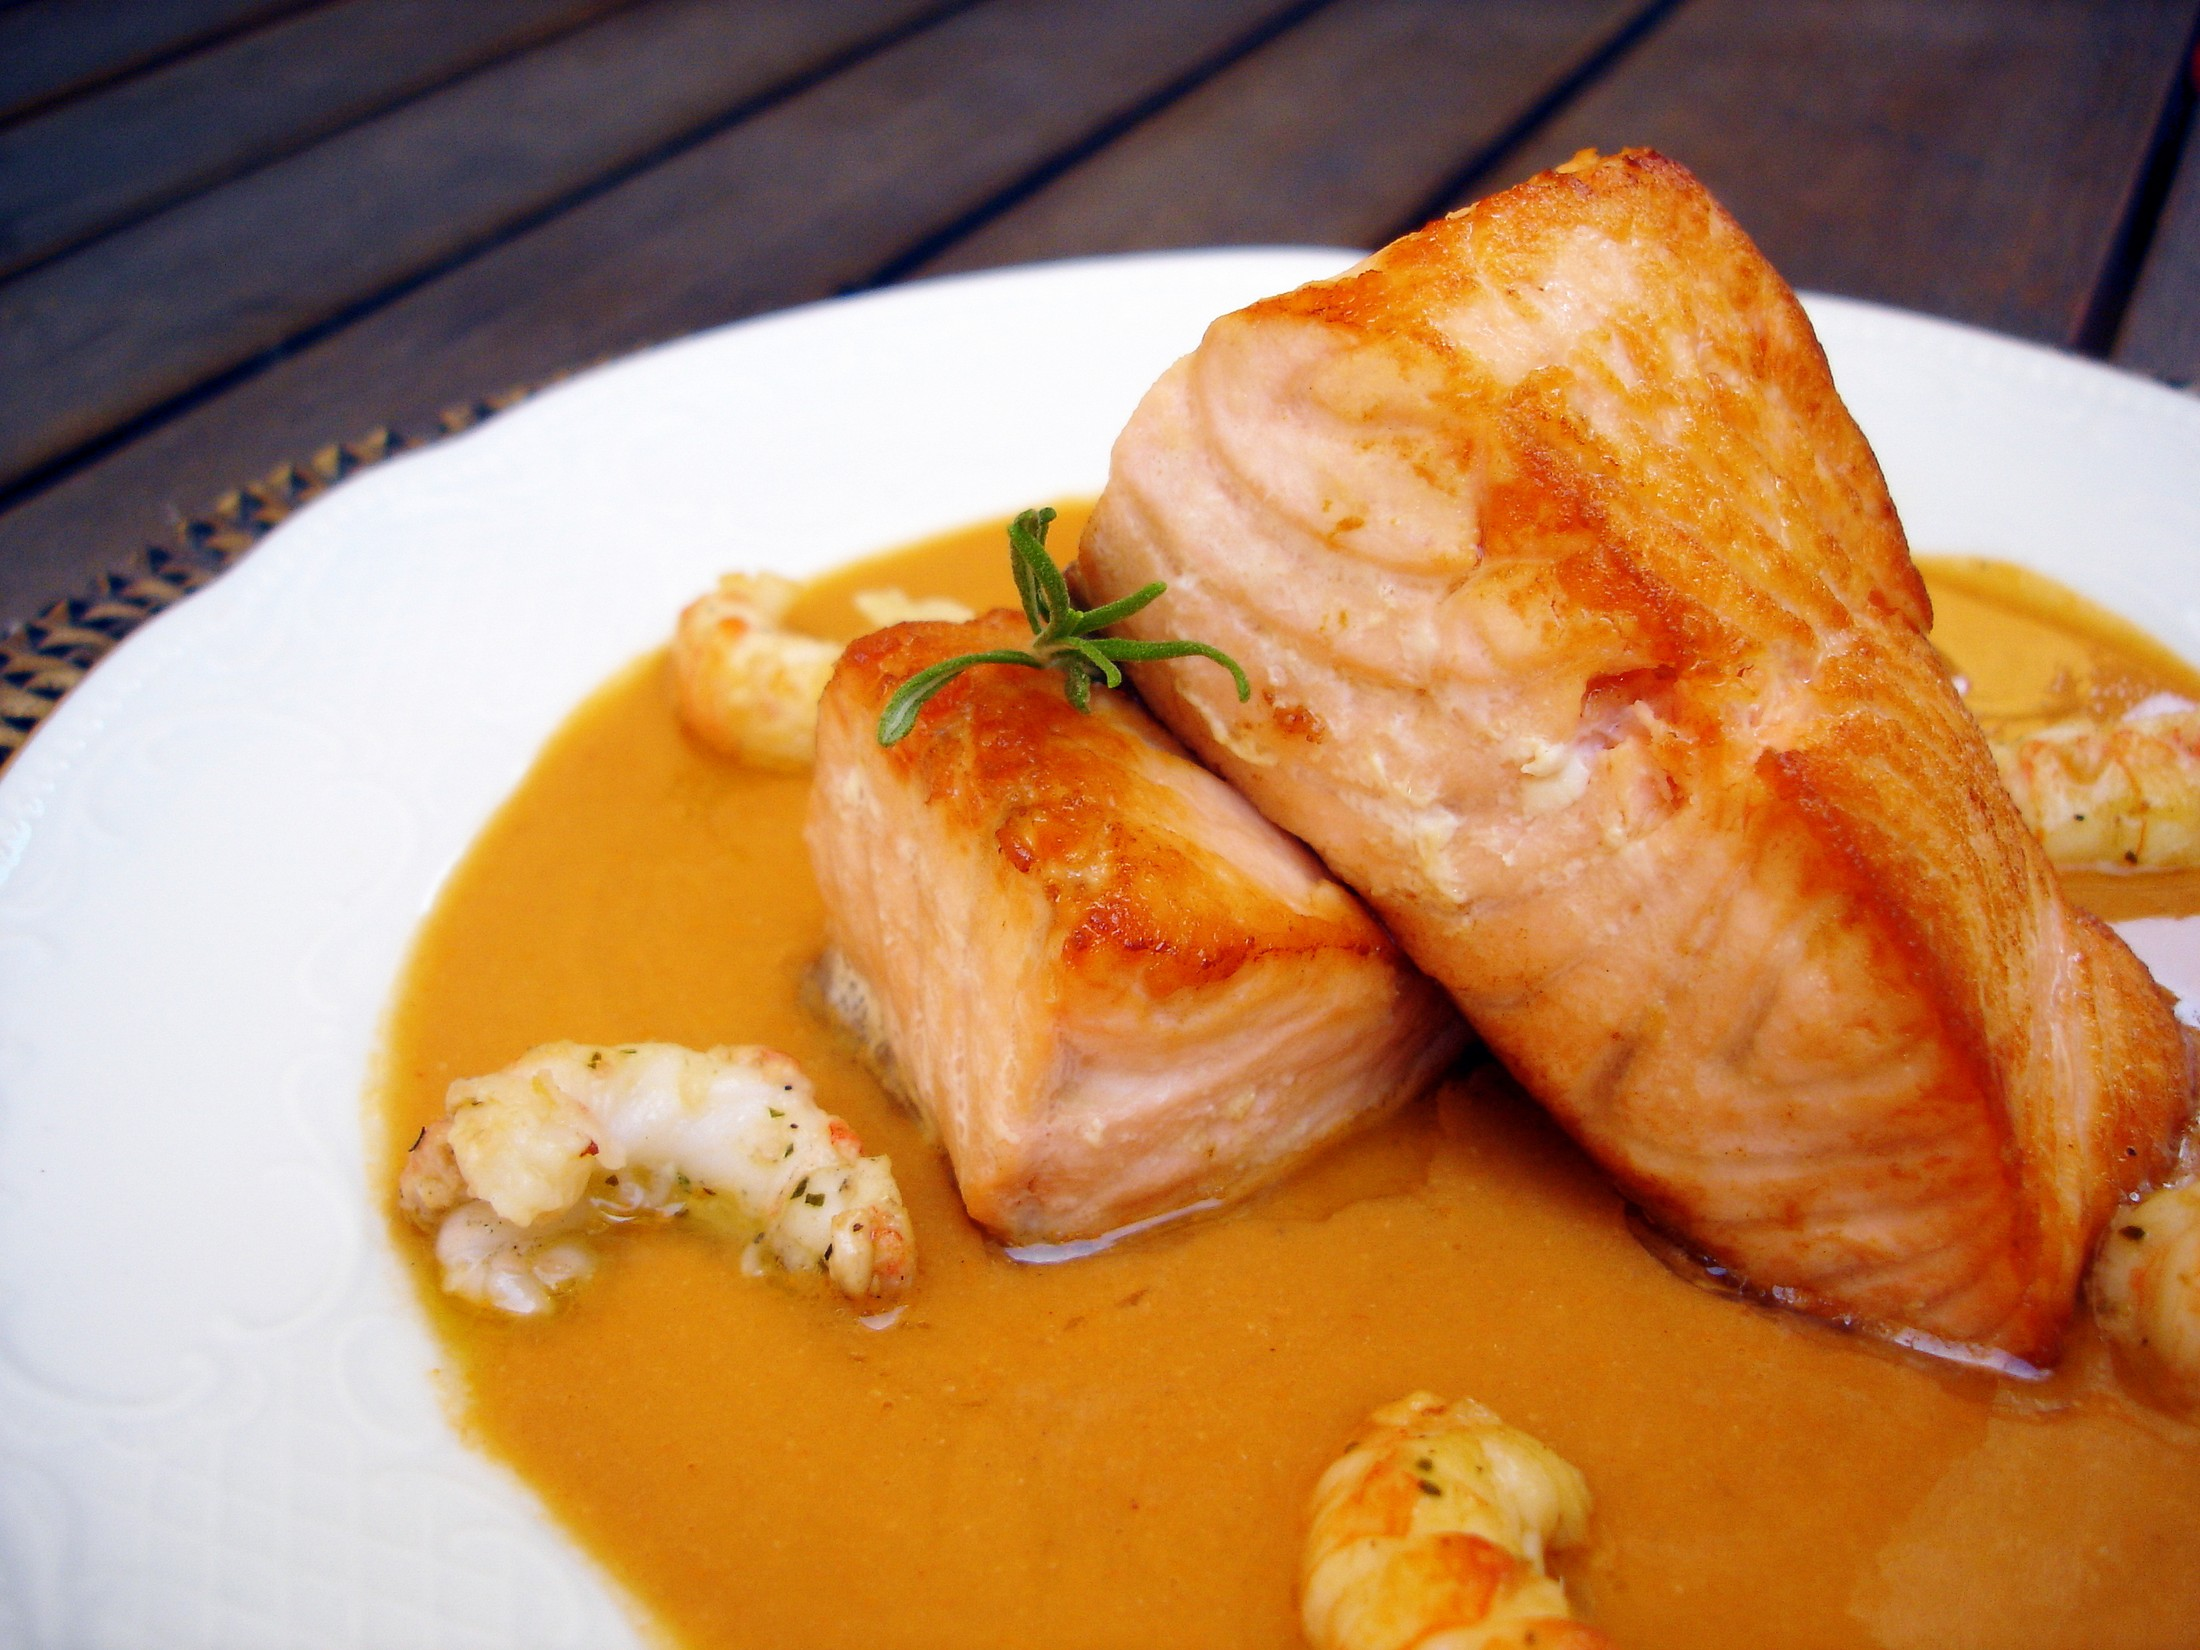 Salm n con crema de cigalas una excepcional receta - Formas de cocinar salmon ...